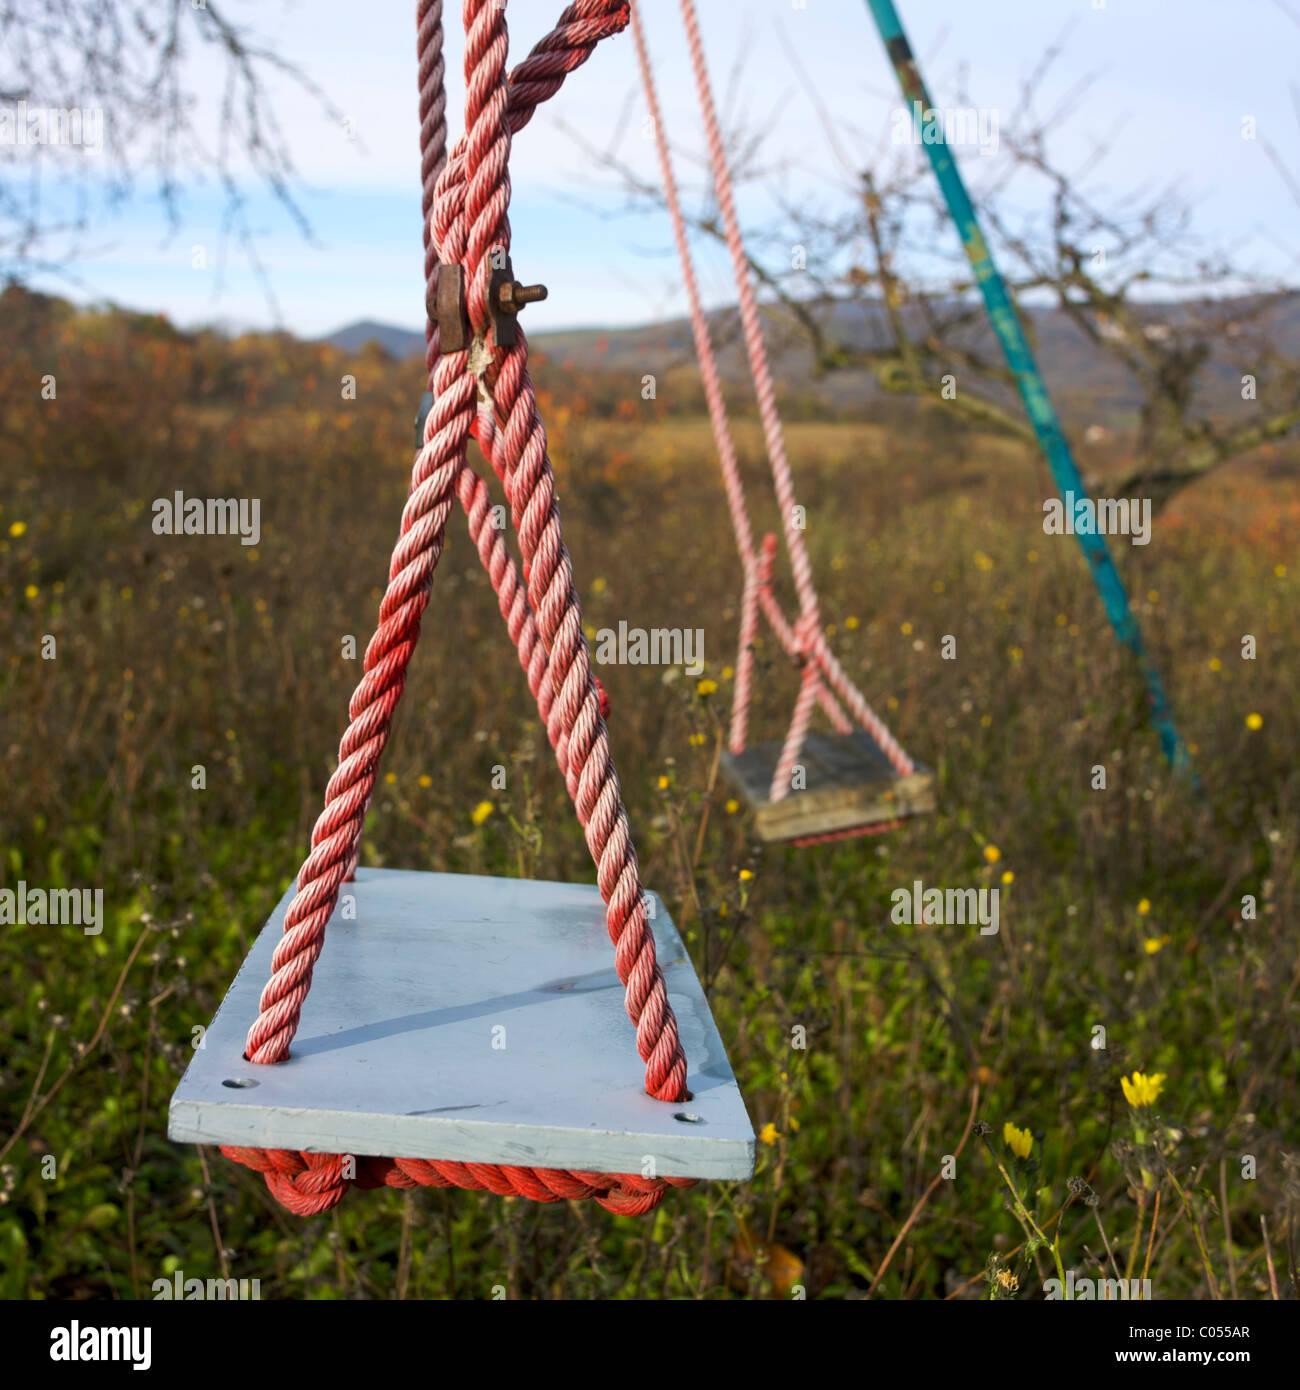 Two swings in a garden - Stock Image